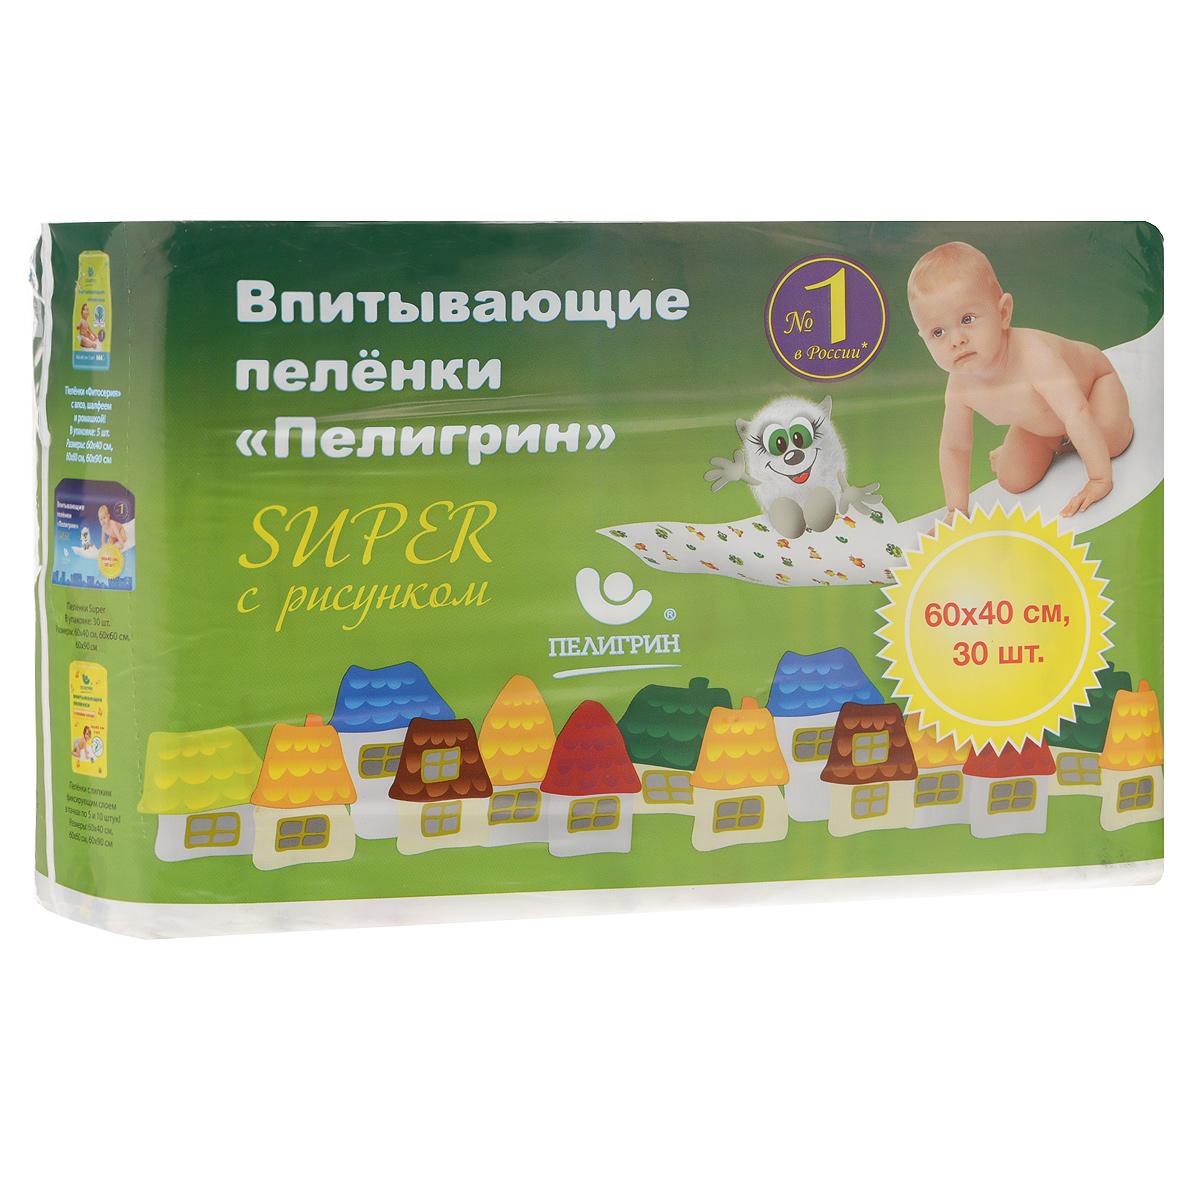 Пелигрин Пеленки впитывающие Super, с рисунком, 60 см х 40 см, 30 шт242Впитывающие пеленки Пелигрин - удобное средство для ухода за новорожденными детьми. Используются для защиты кроваток, колясок и пеленальных столиков и понадобятся на приеме у врача. Верхний слой пеленок изготовлен из гипоаллергенного нетканого материала, который пропуская влагу, всегда оставляет поверхность сухой. Впитывающий слой представляет собой натуральный экологически чистый гипоаллергенный материал (распушенная целлюлоза), который надежно удерживает влагу и запах. Полиэтиленовое основание пеленок исключает сквозное протекание жидкости. Товар сертифицирован.